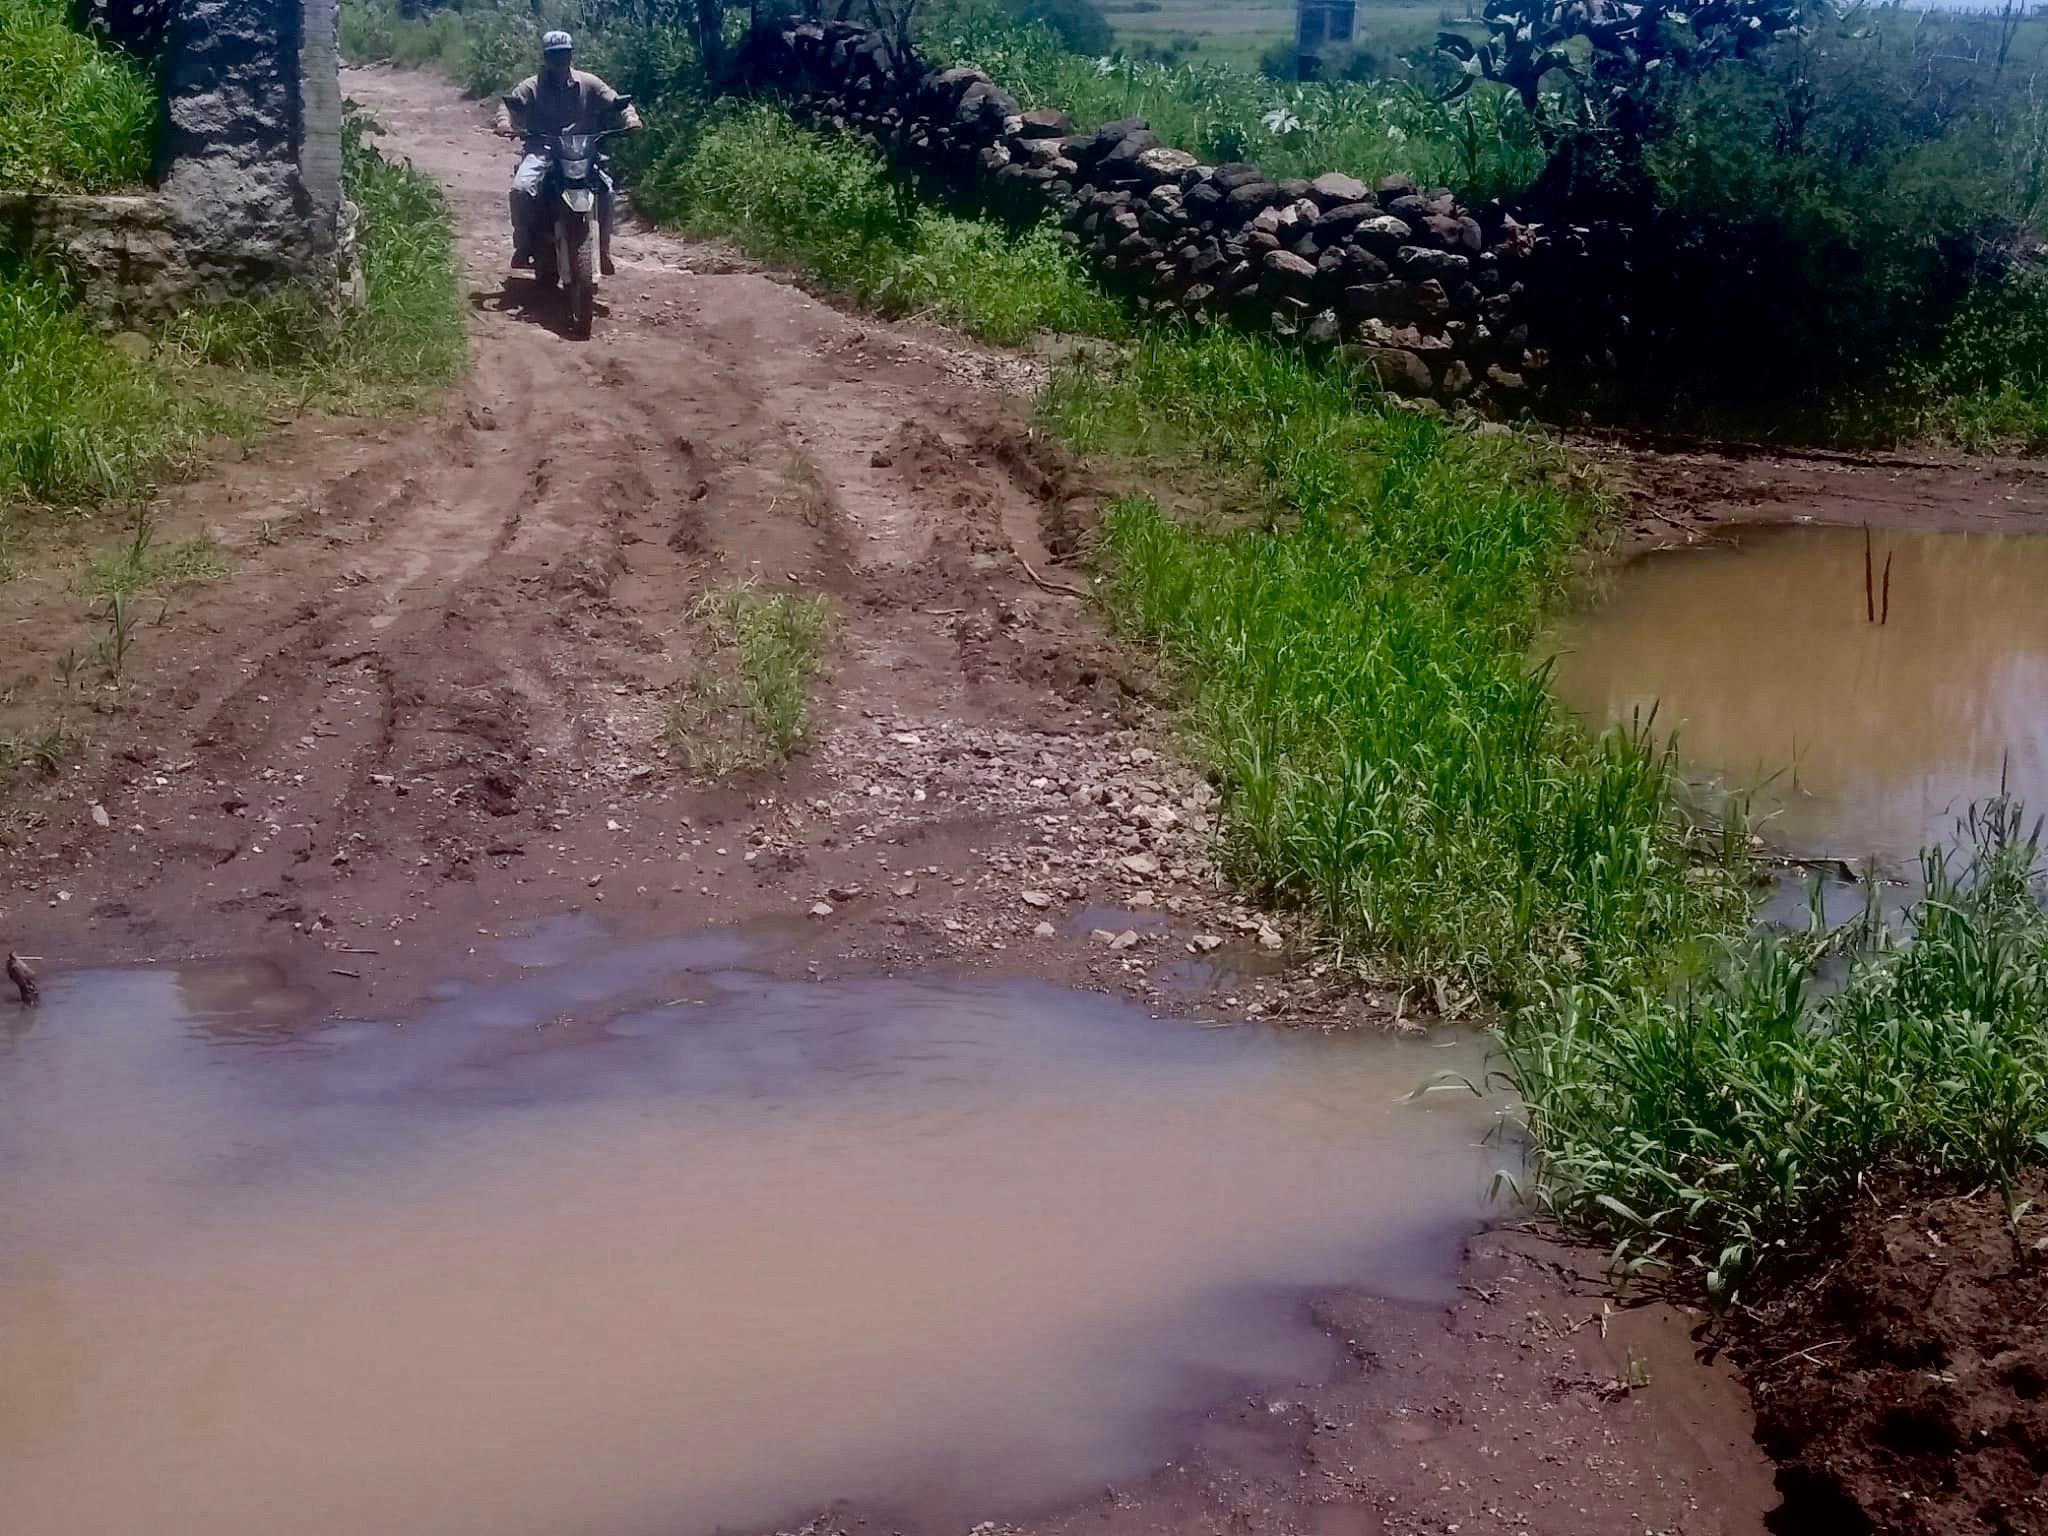 El camino de Corral del Río del Padre desbordada por el Río y sin asafalto